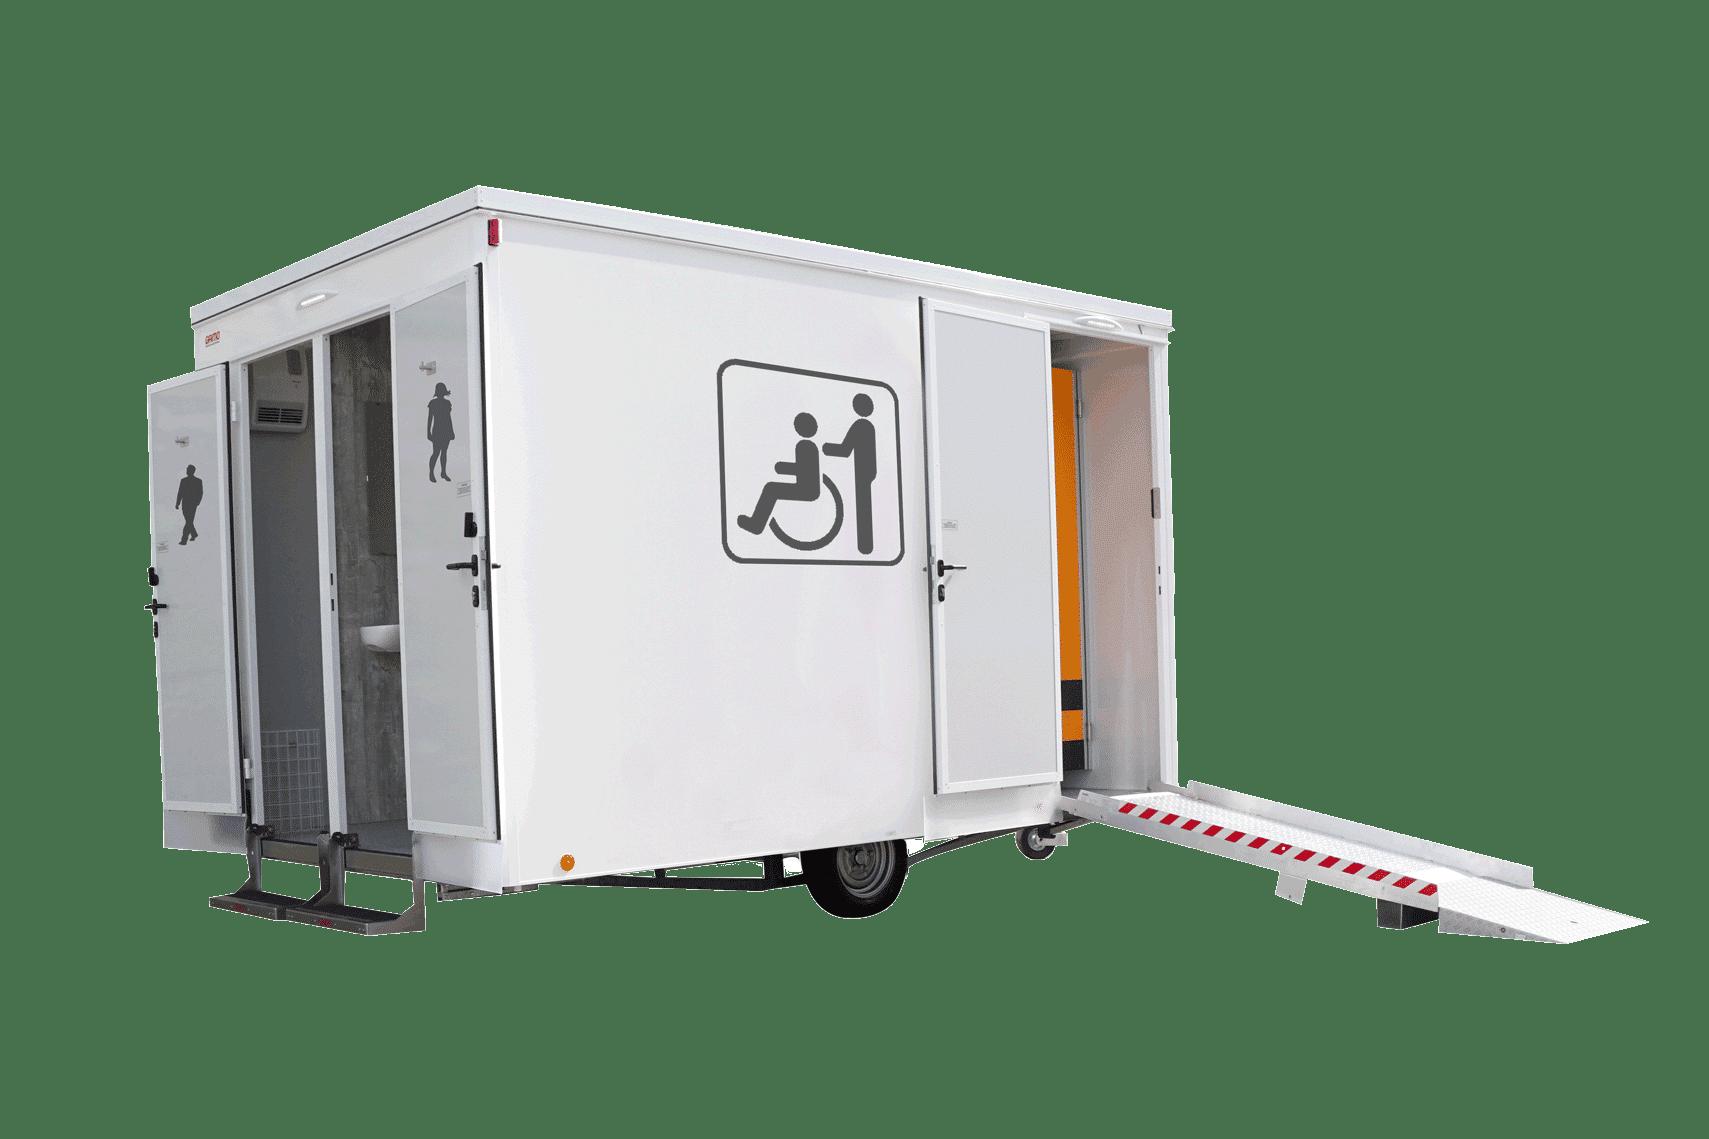 gamo-toilettenwagen-mit-rampe-auffahrrampe-rollstuhl-ftt-390-handicap-menschen-mit-gehbehinderung-rollstuhlgerecht-toilettenanhaenger